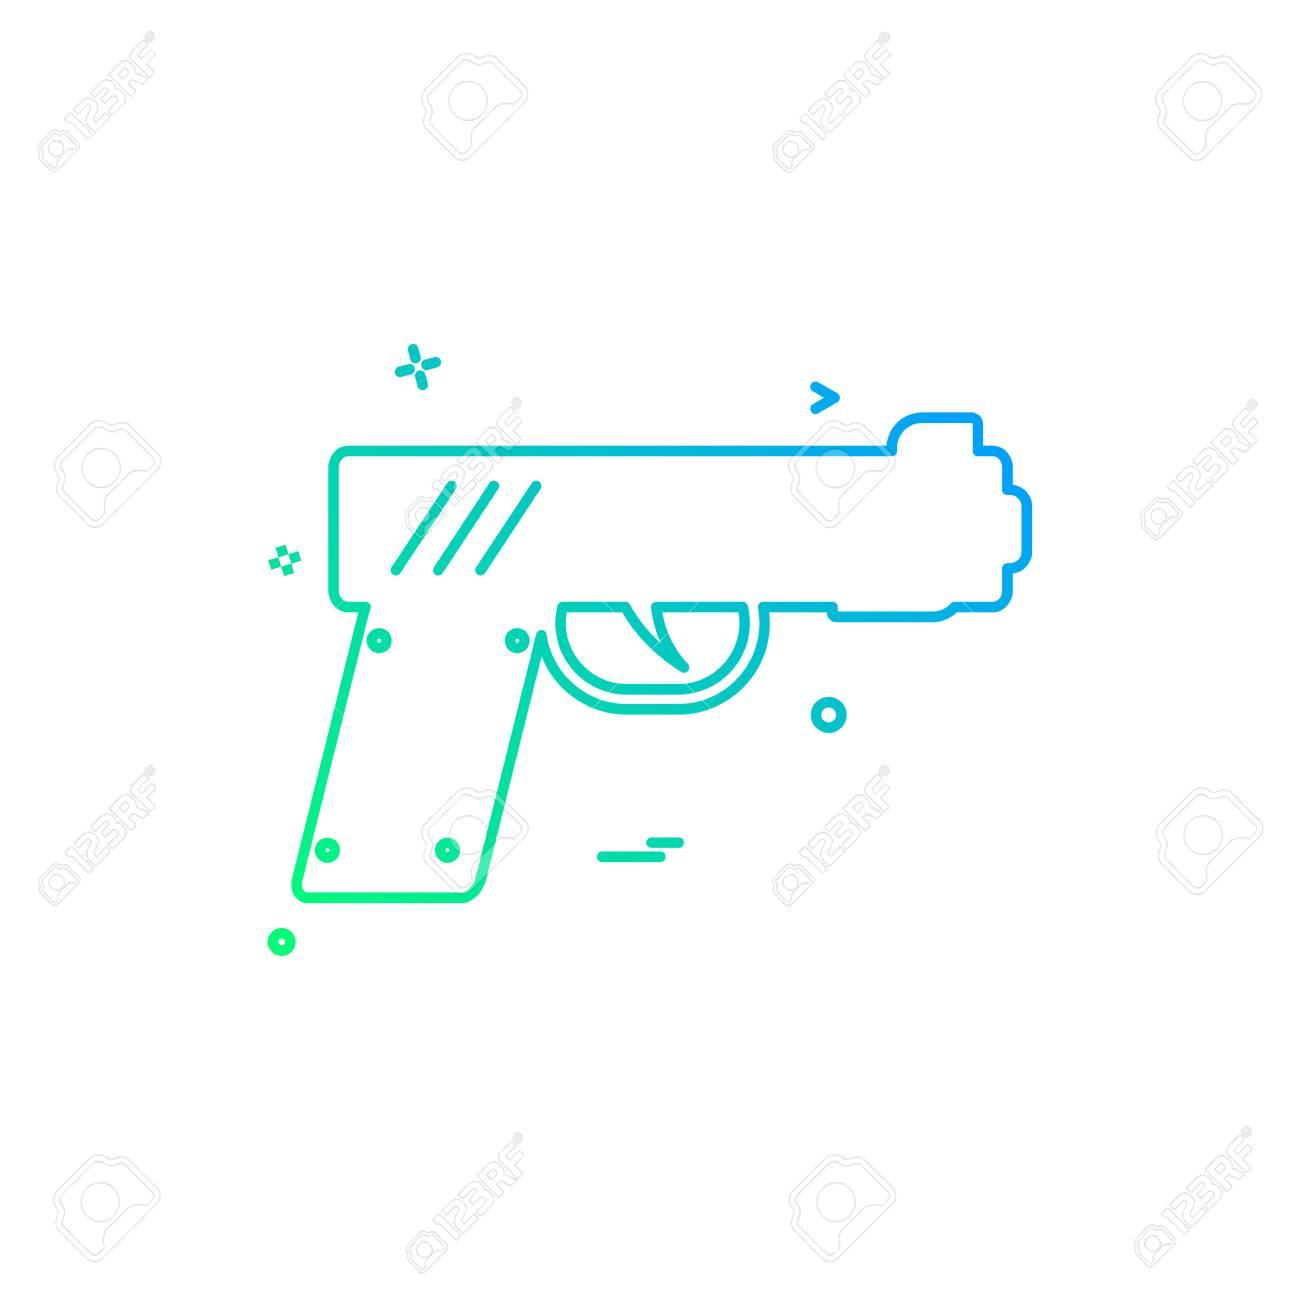 gun pistol police weapon icon vector design - 118215352